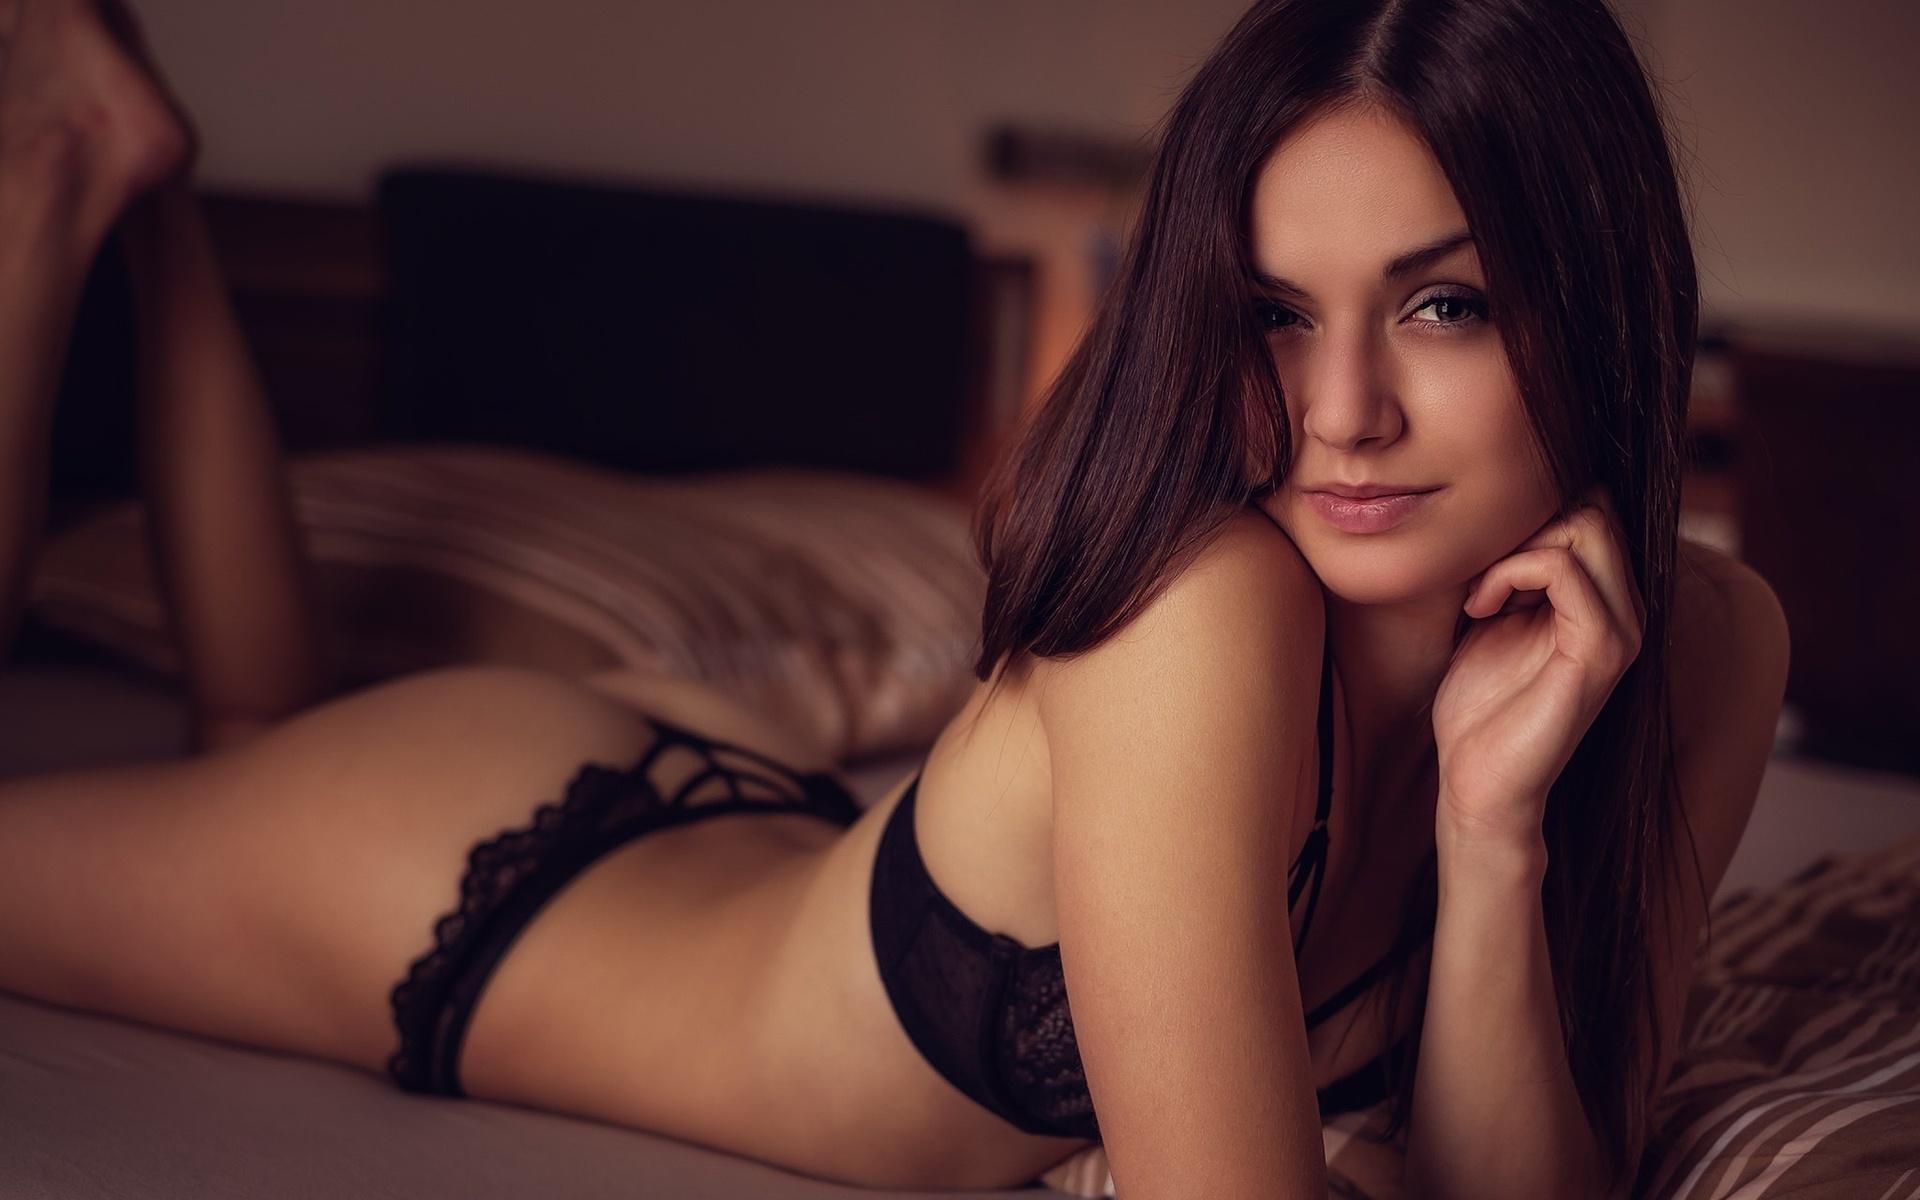 порно видео ролики очень красивых девочек